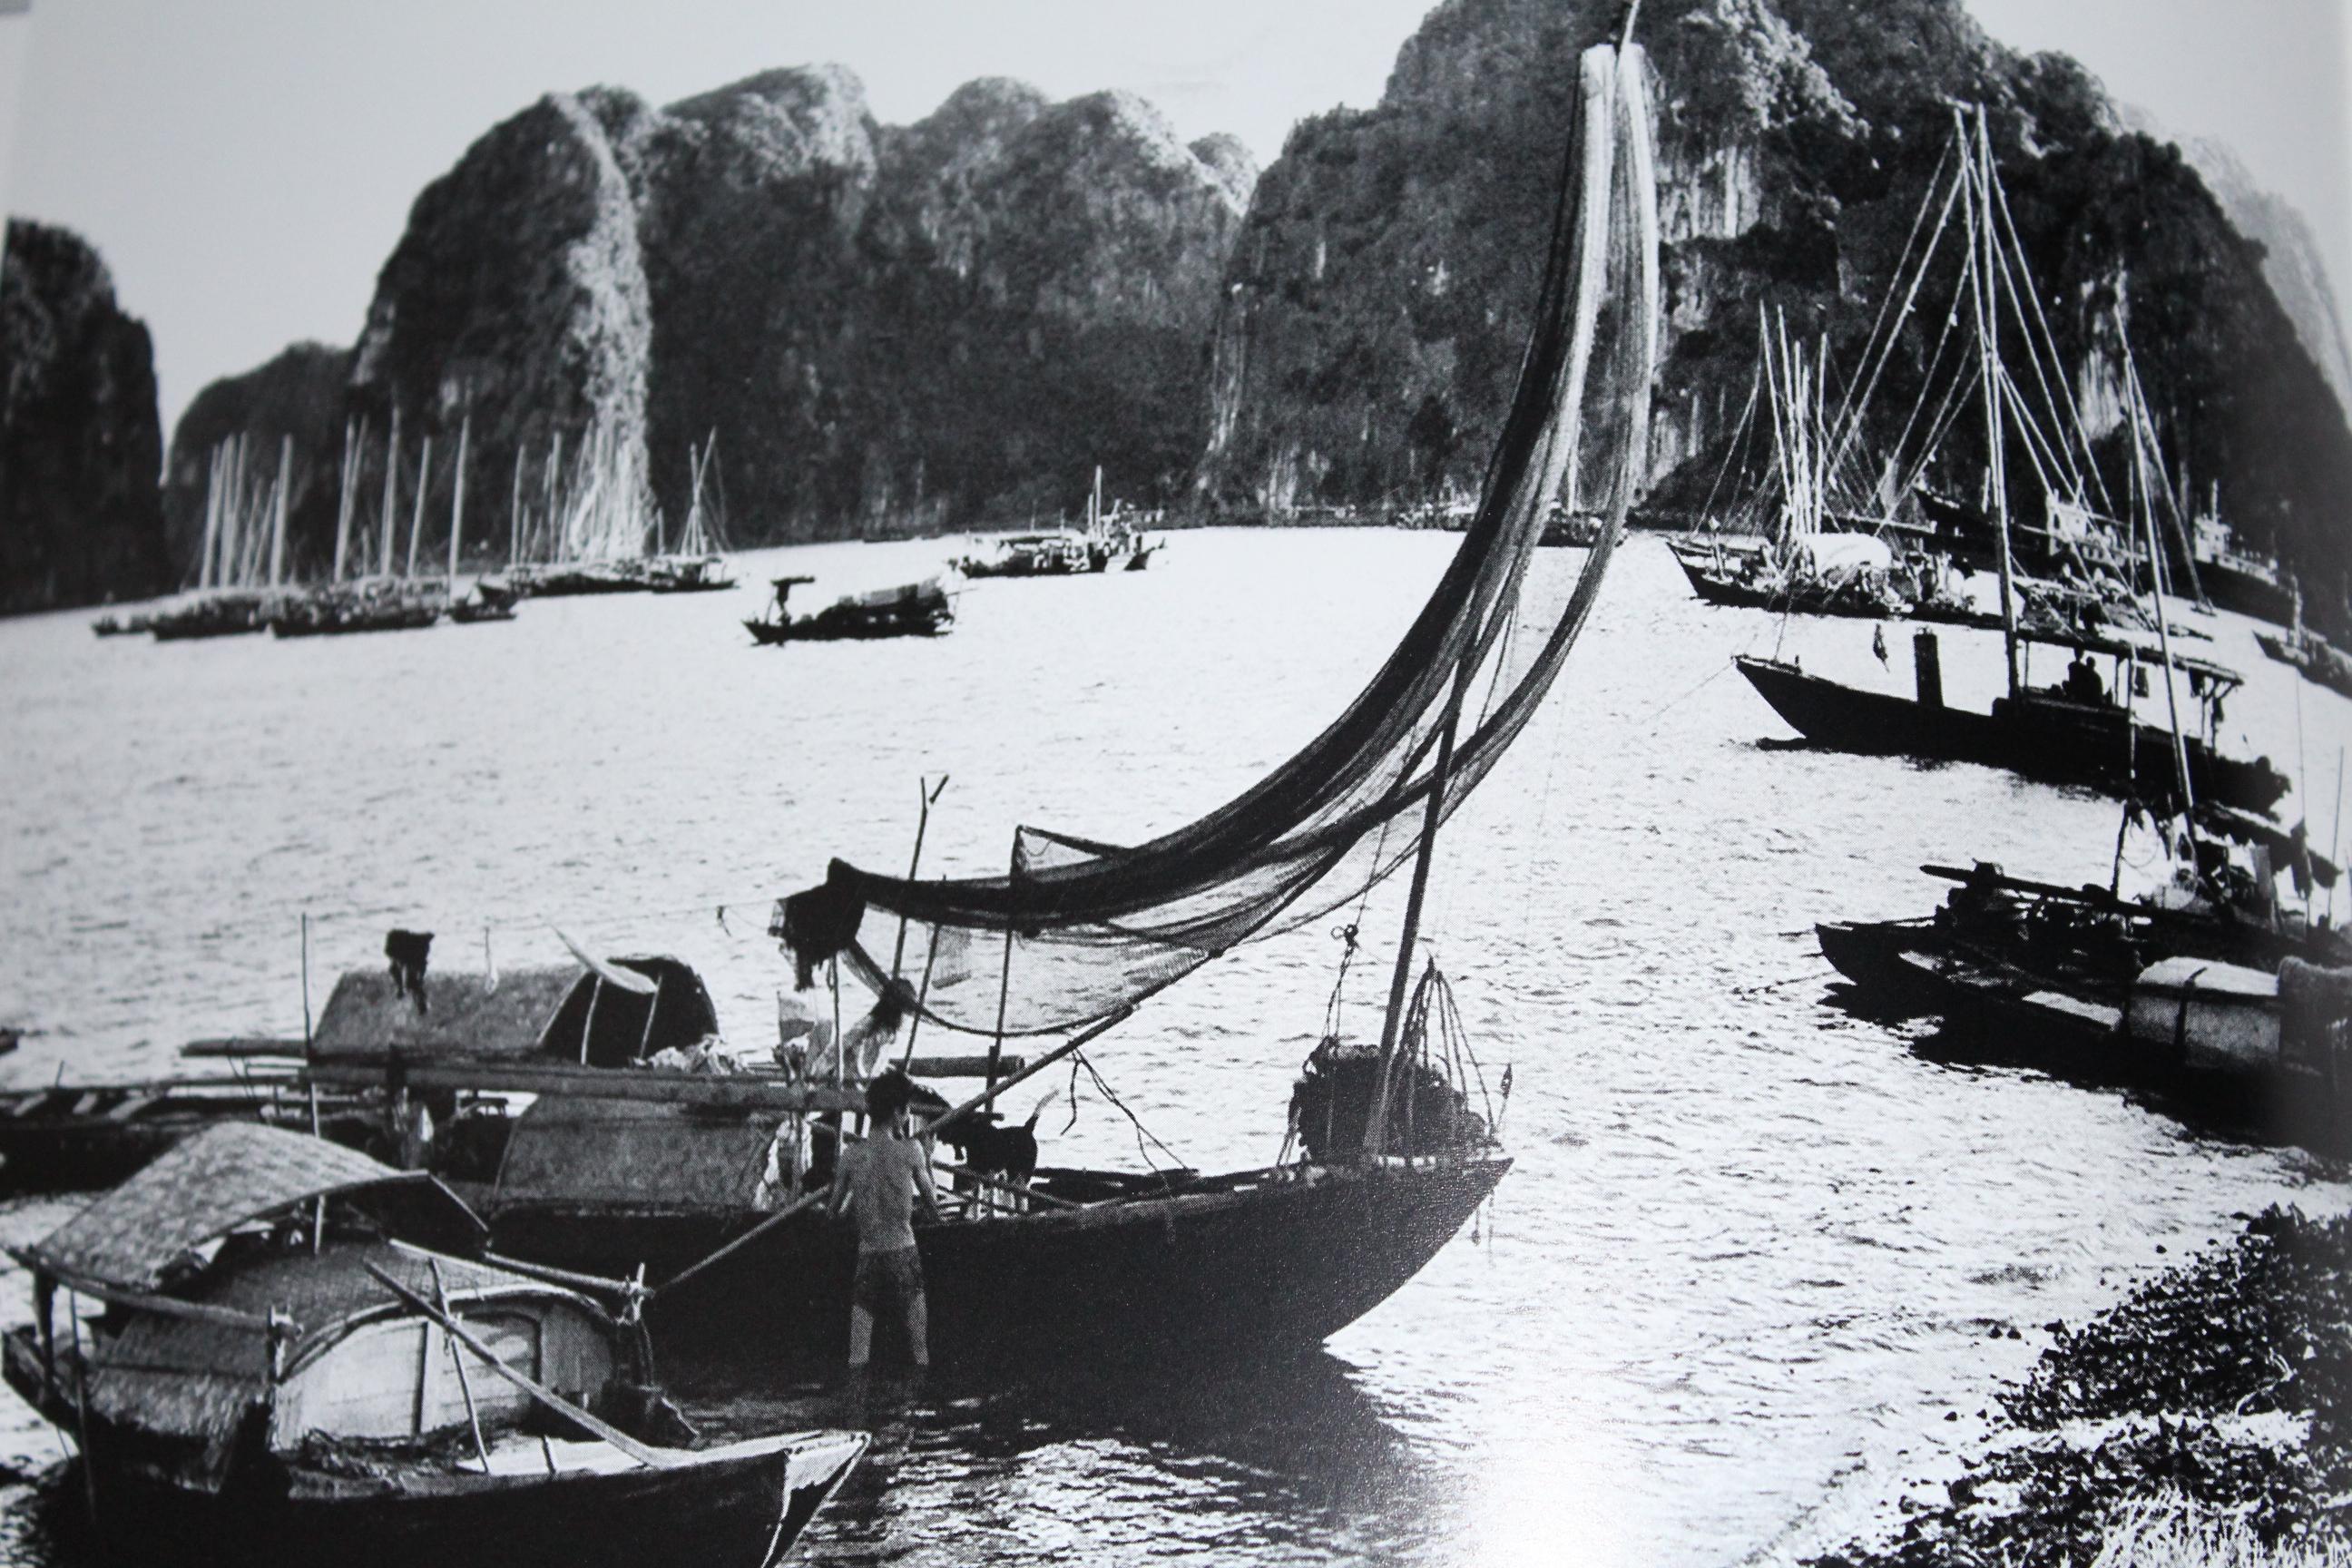 Bài ca người đánh cá Quảng Ninh